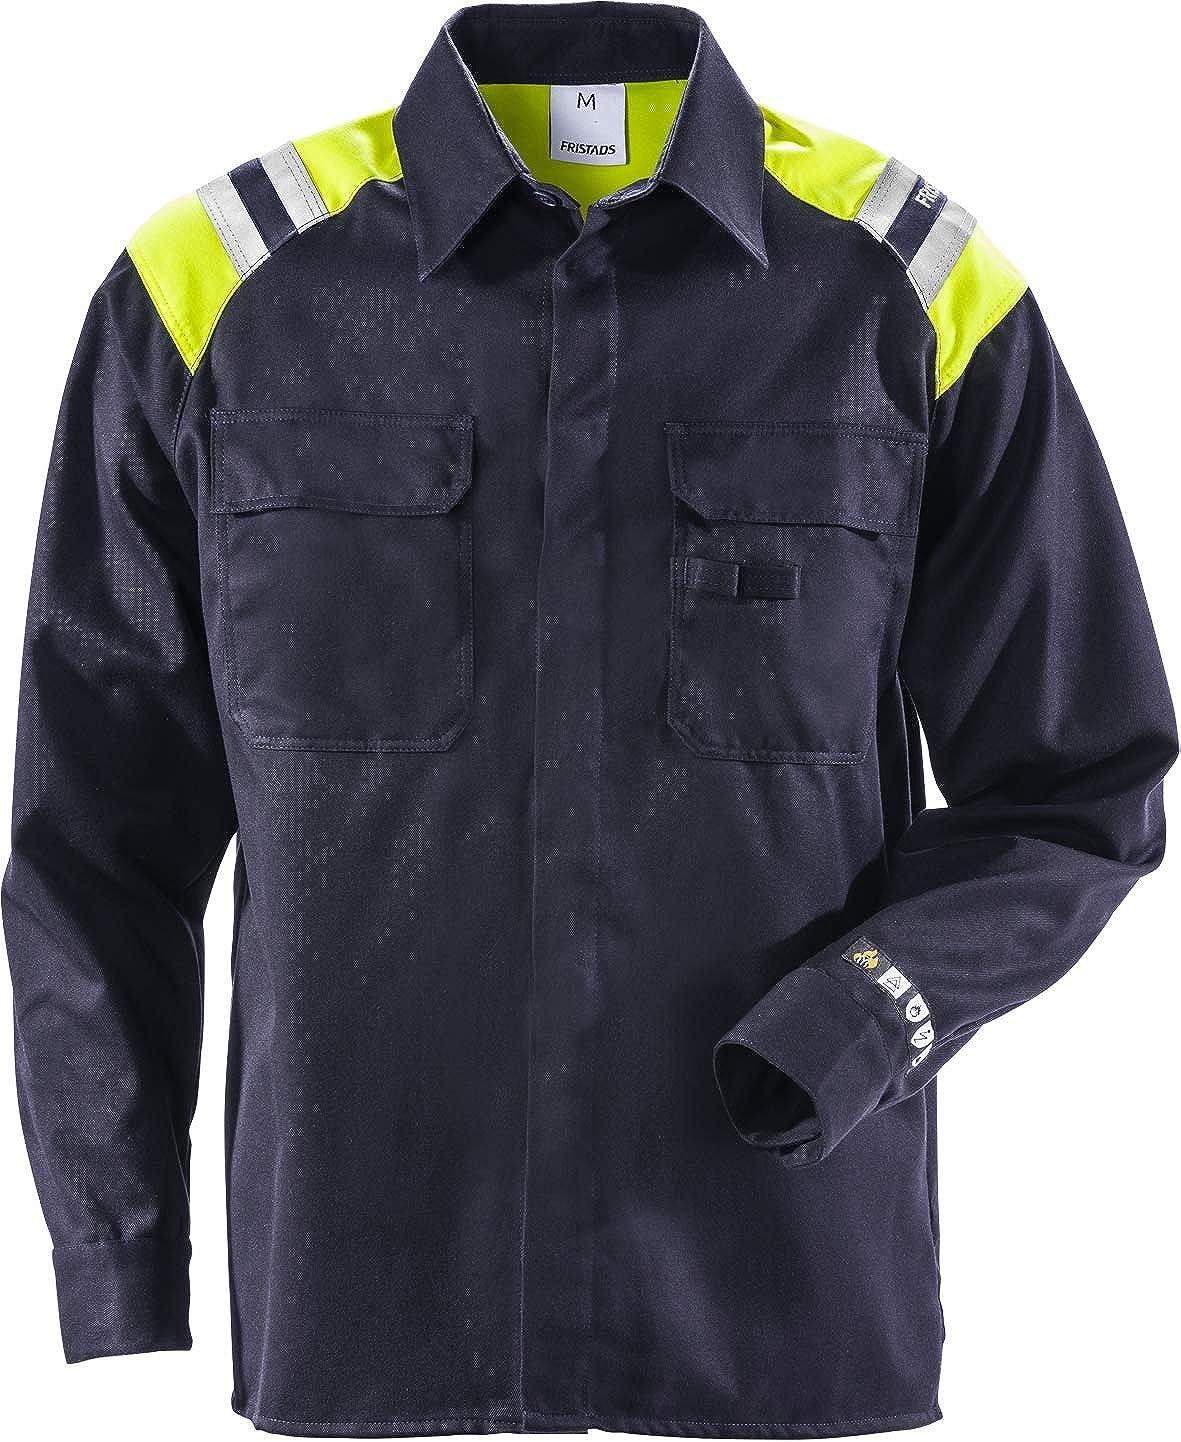 Fristads Workwear 109425 - Camisa ignífuga para hombre Azul ...